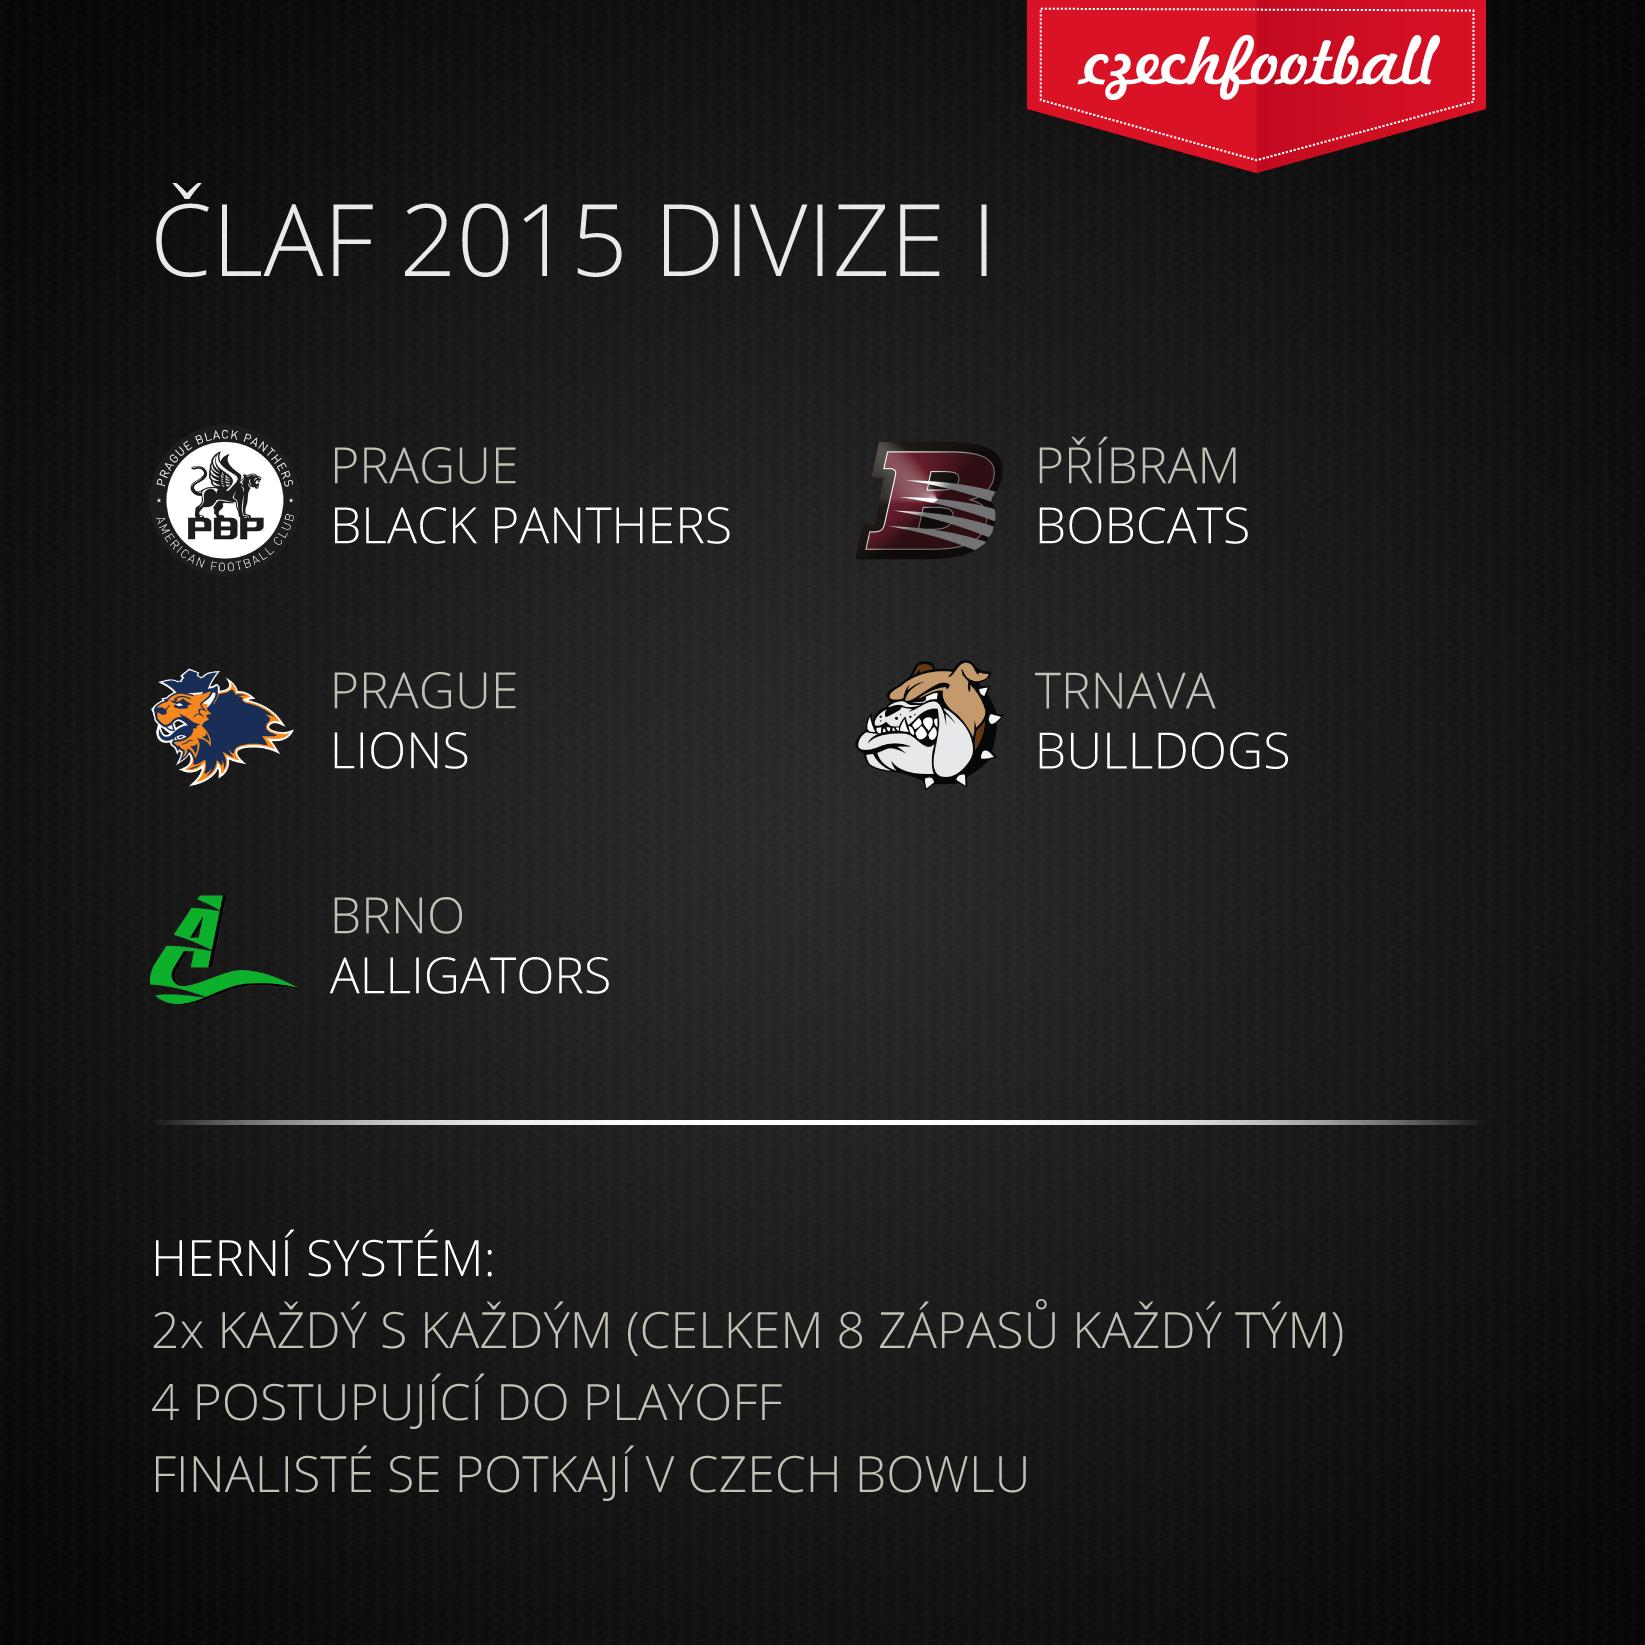 Divize-I-2015